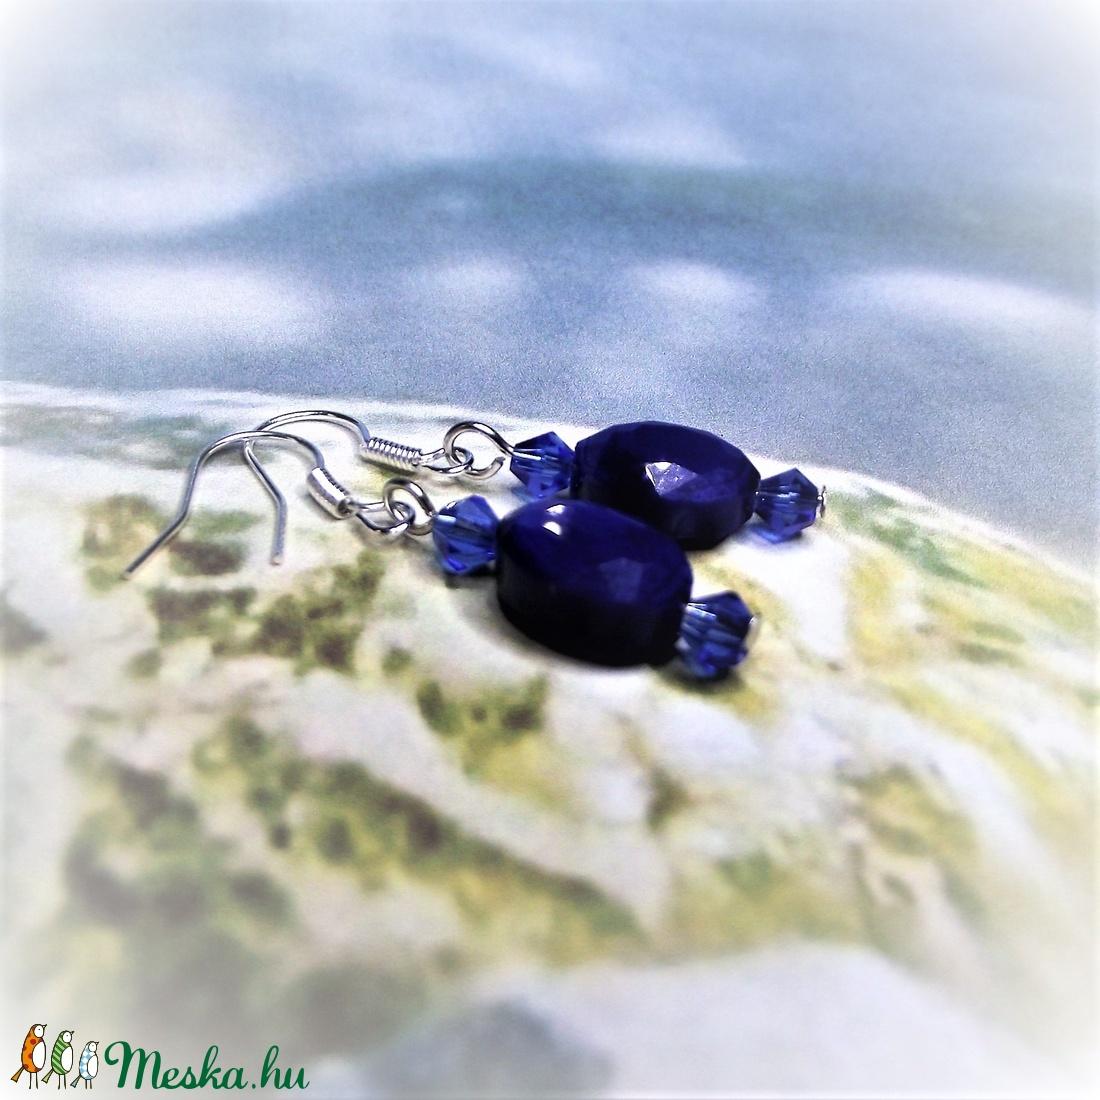 Kék csiszolt üveggyöngy fülbevaló - Ajándék nőknek névnapra, születésnapra, Nőnapra, Anyák napjára, bármely alkalomra - ékszer - fülbevaló - lógó fülbevaló - Meska.hu